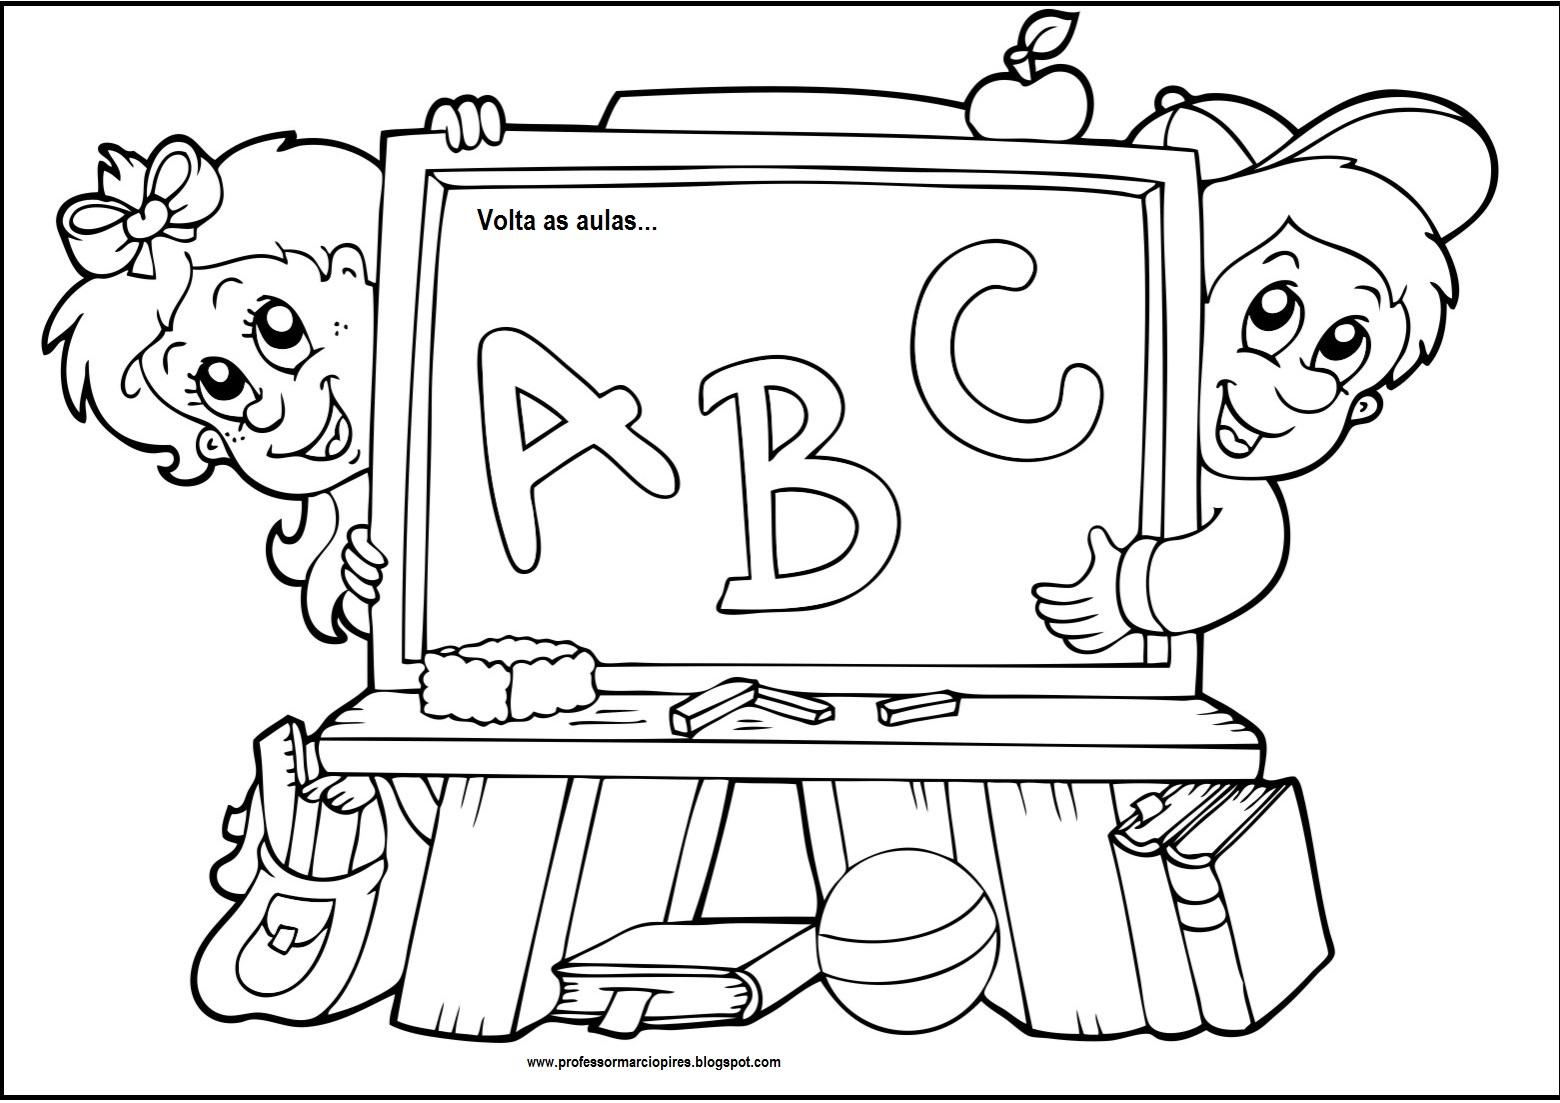 Professor m rcio figuras para colorir de volta as aulas - Toddler libro da colorare ...